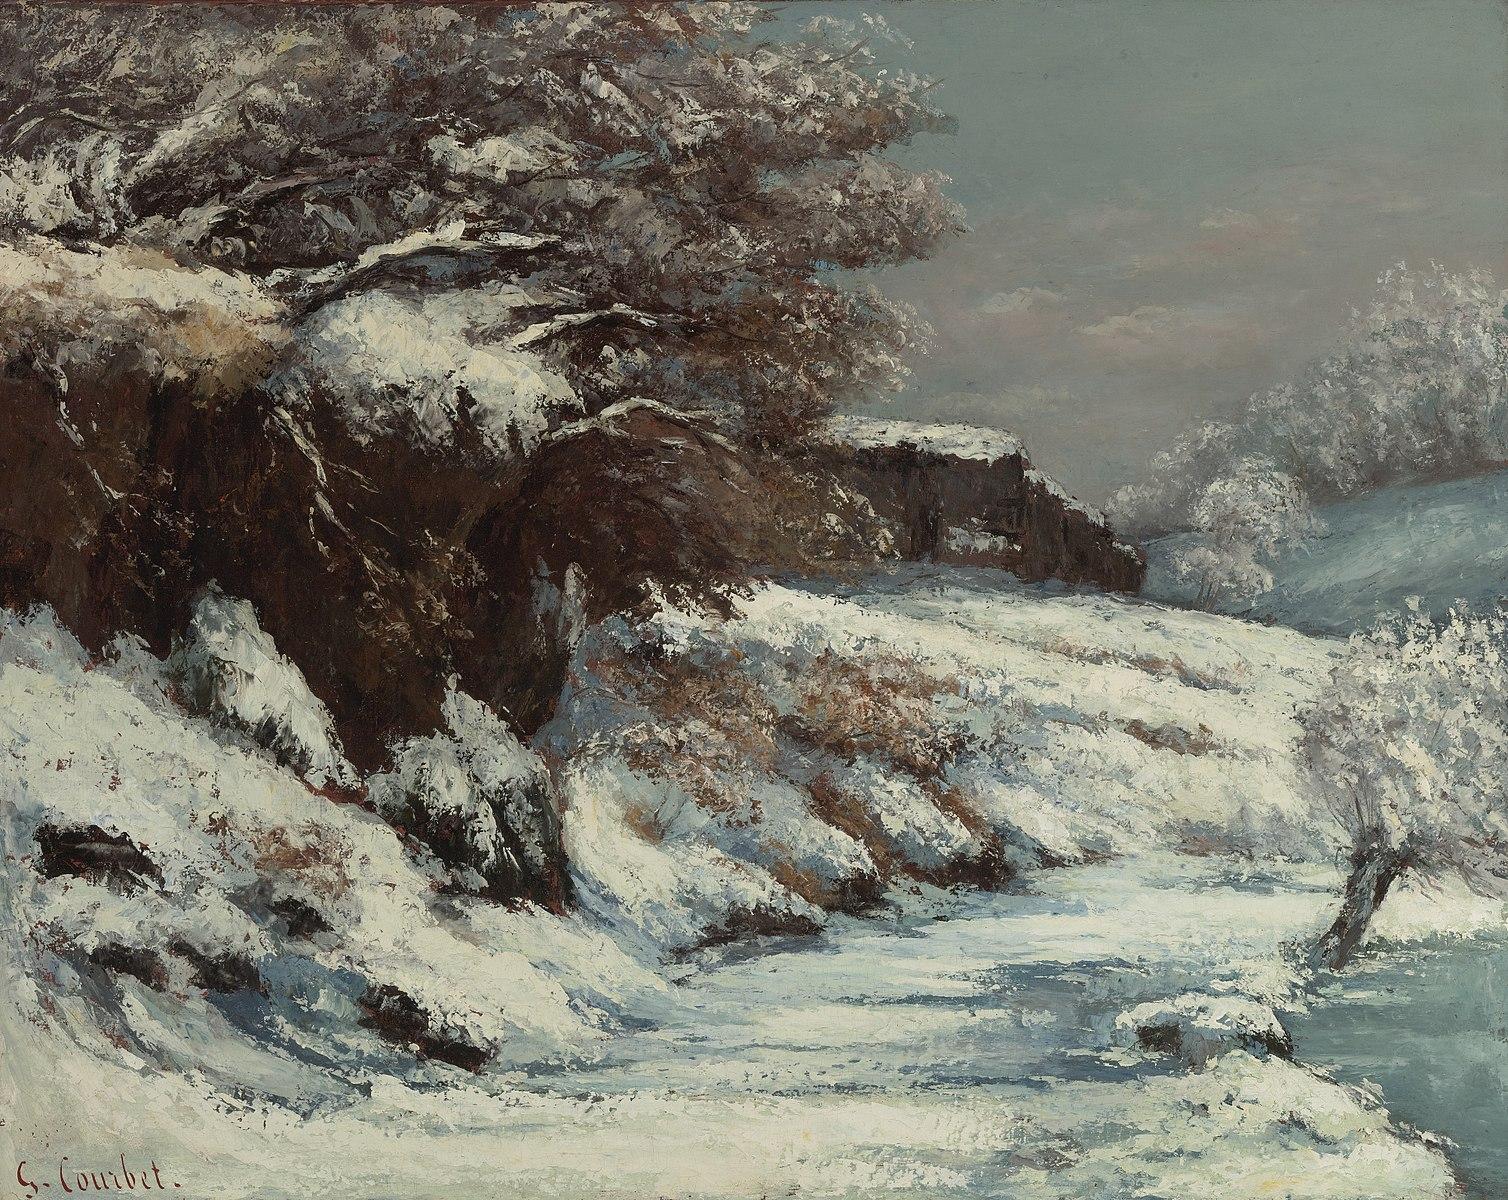 PictureEffet de neige byGustave Courbet (Public Domain)